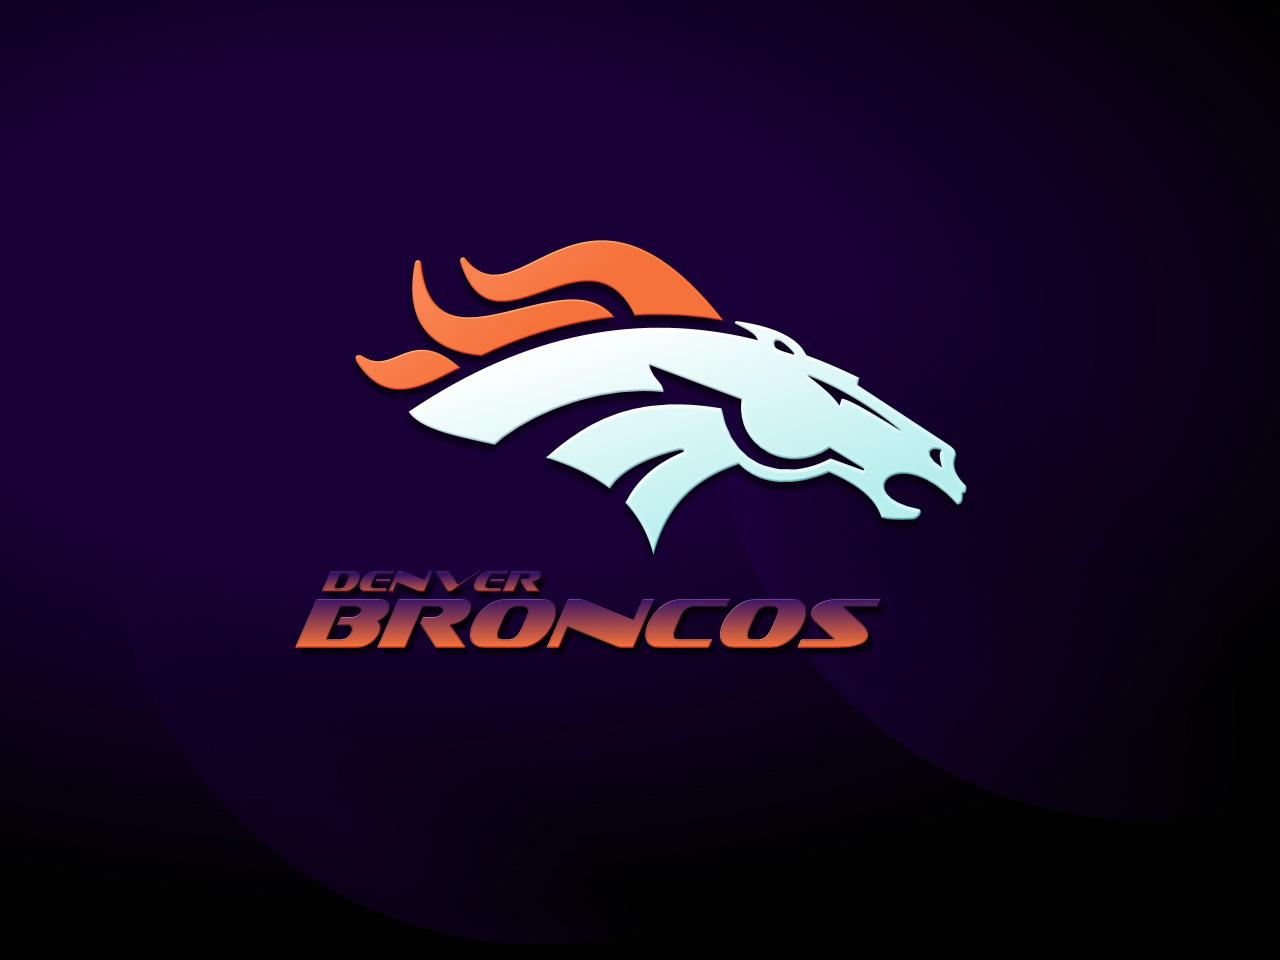 Denver Broncos wallpaper Broncos logo 1280x960